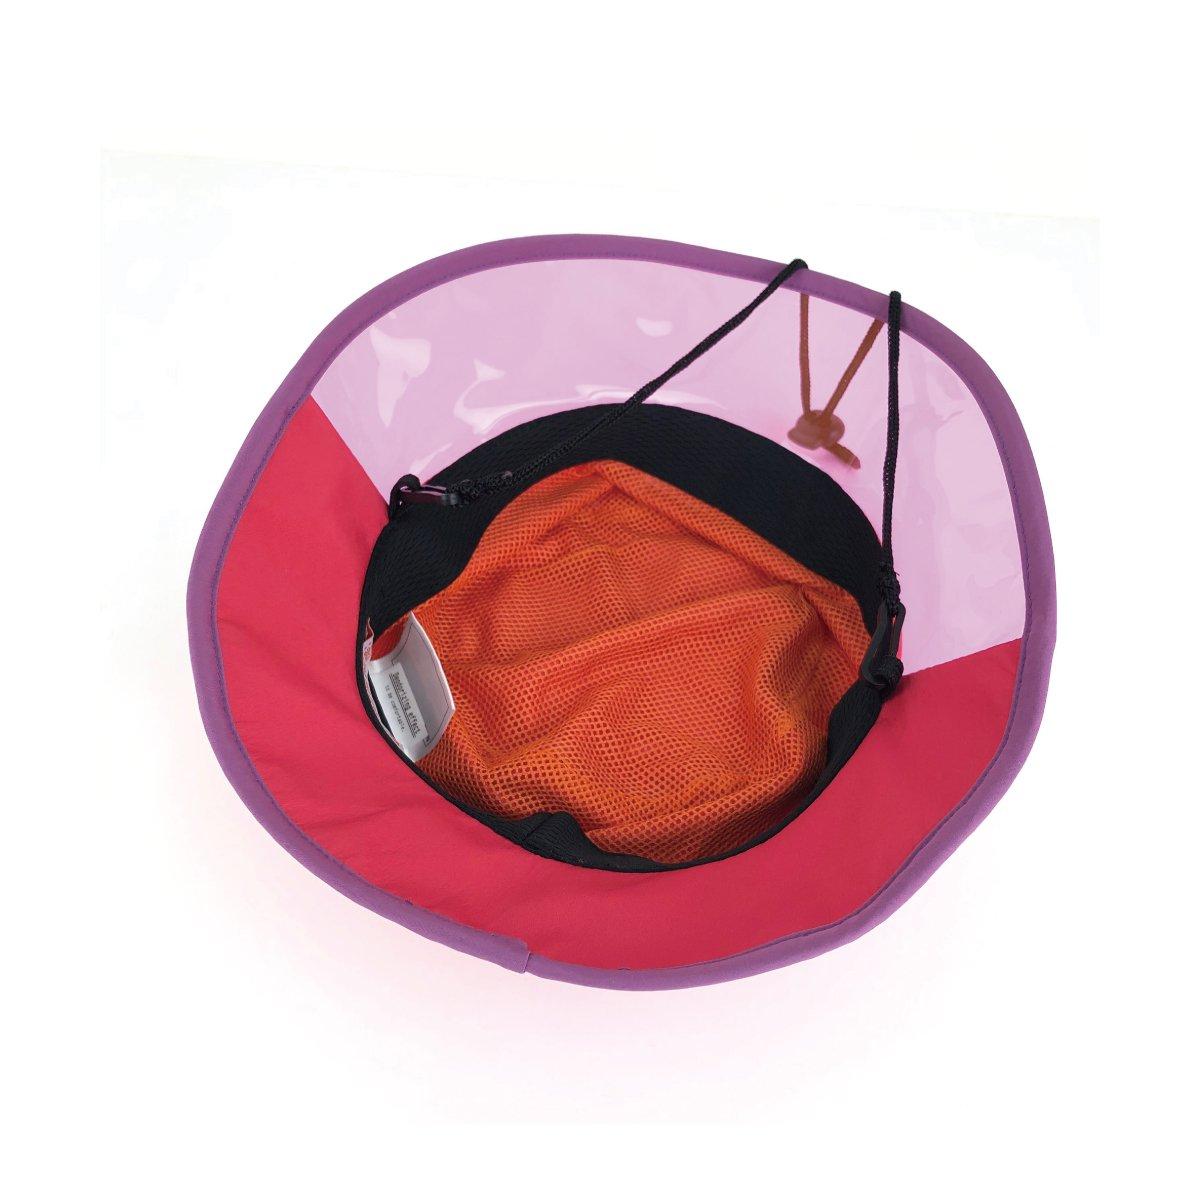 【KIDS】Rain PVC Hat 詳細画像10